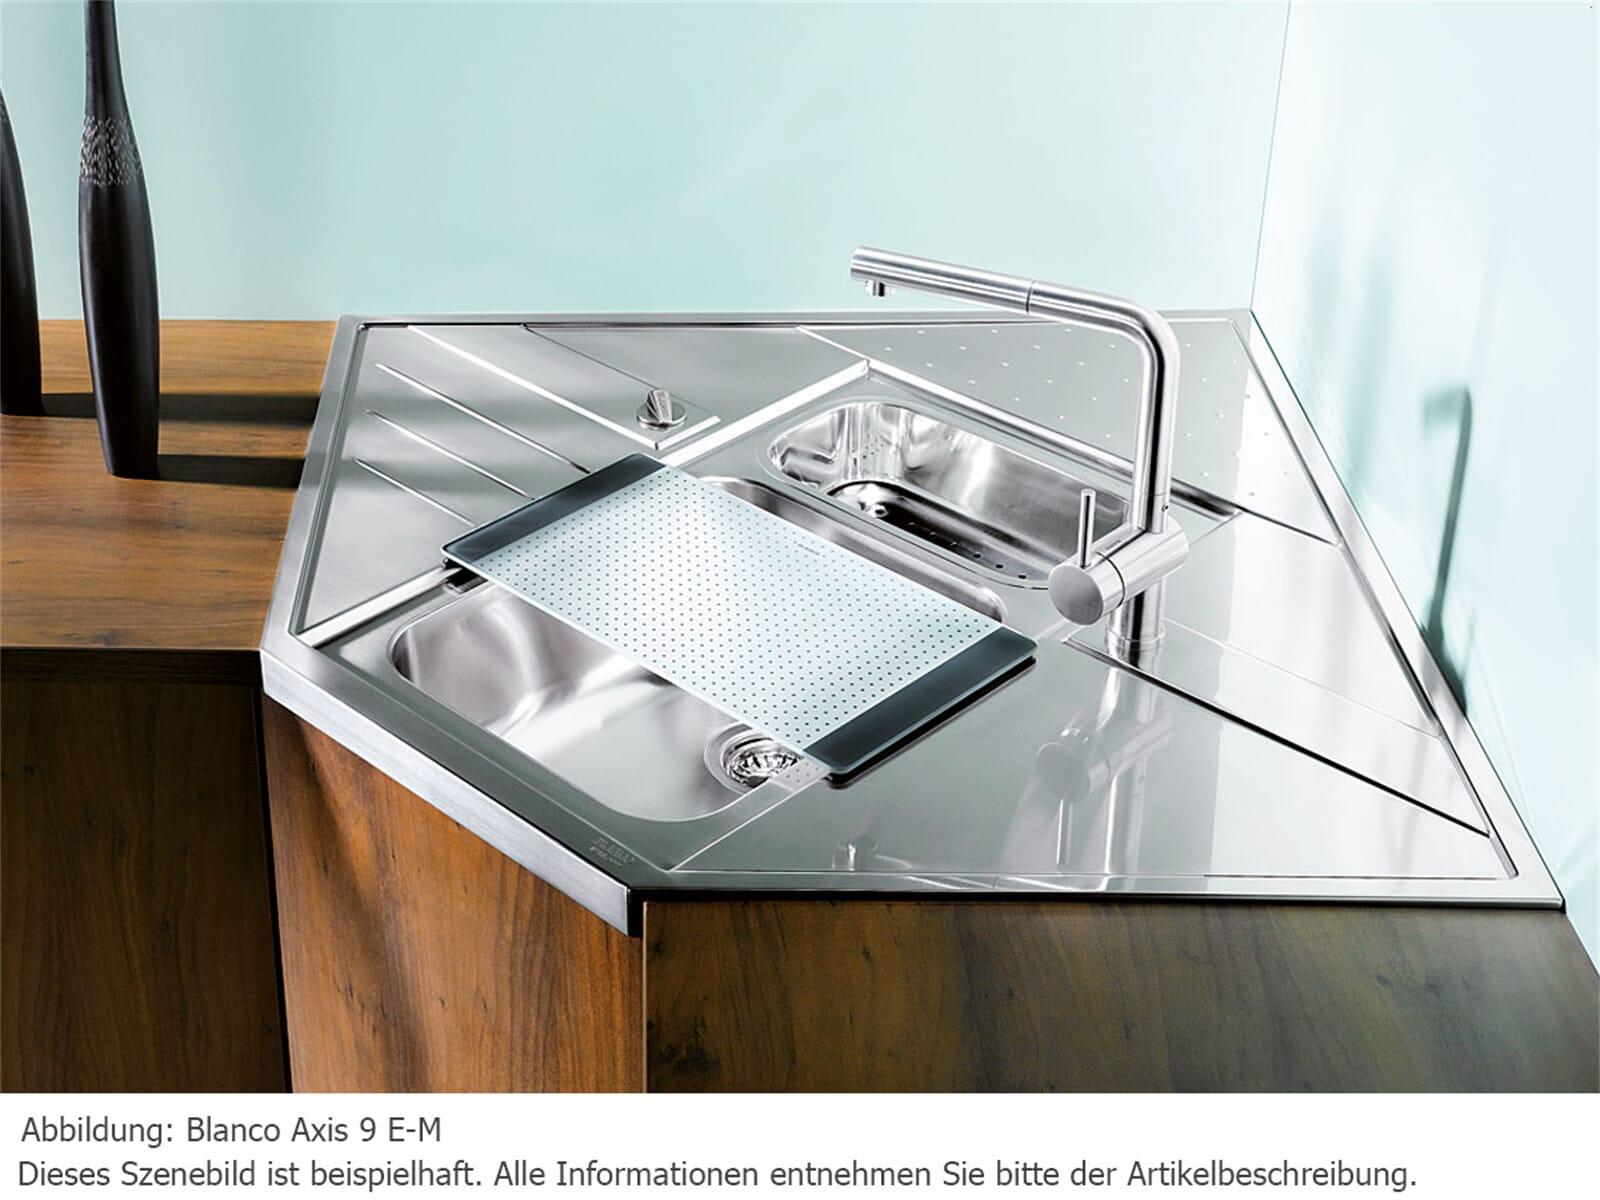 Blanco Axis 9 E-M Edelstahlspüle Seidenglanz